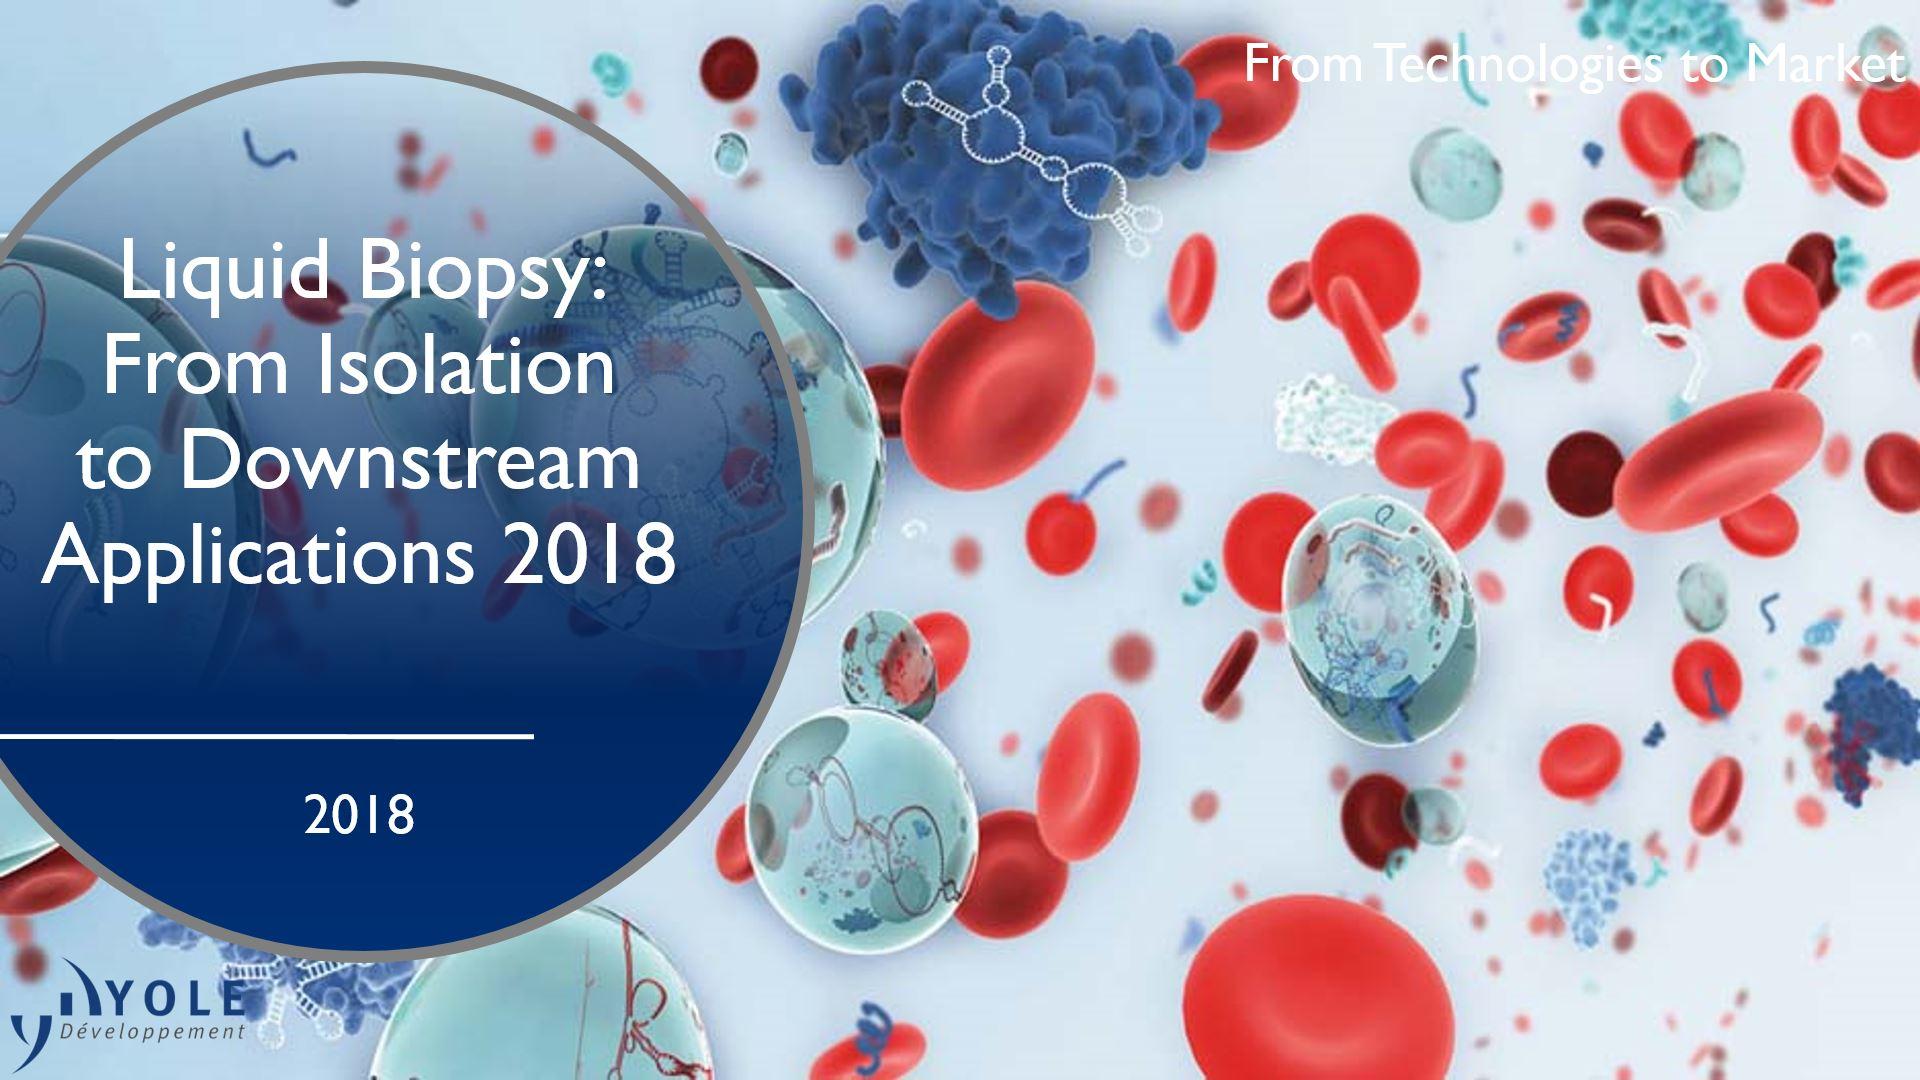 couv rapport liquid biopsy